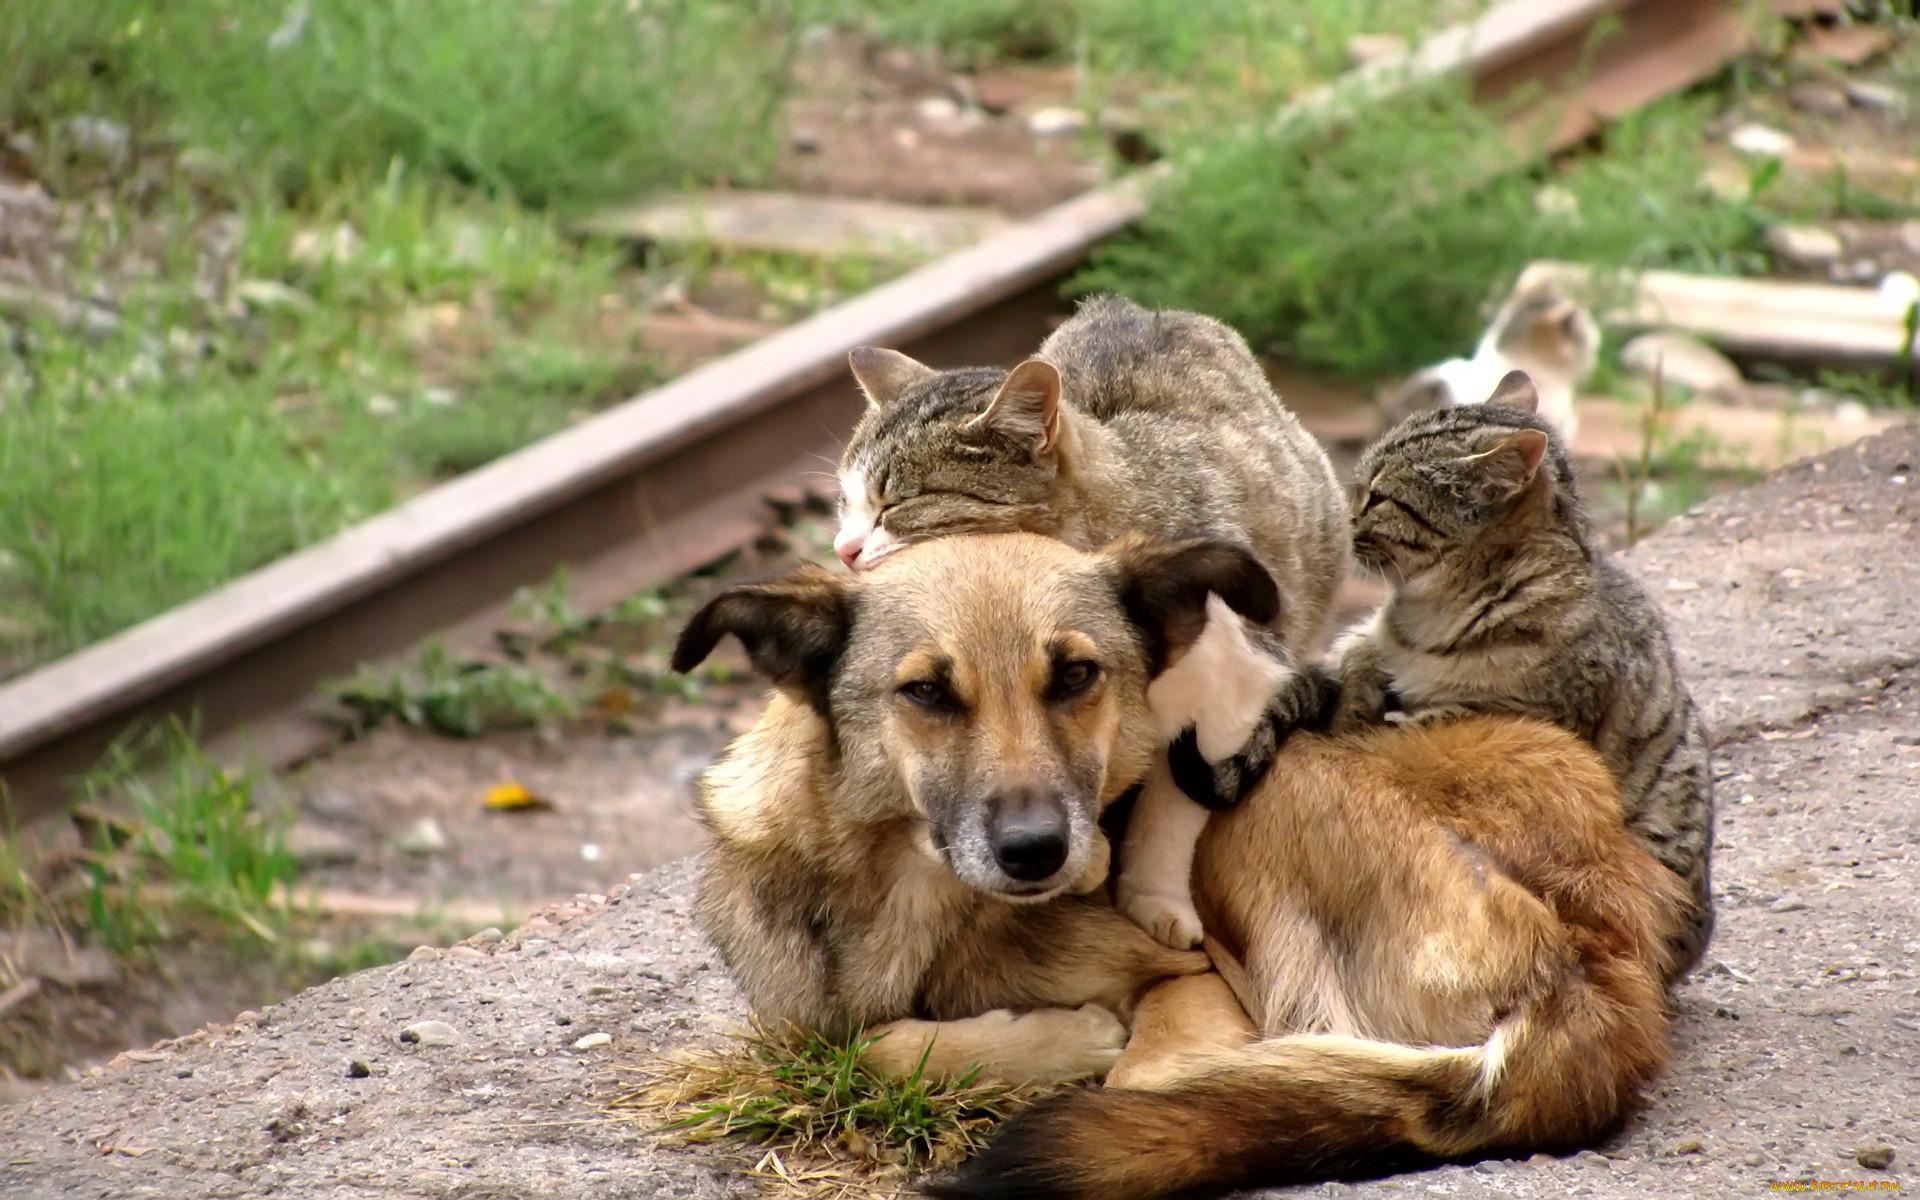 интересно больше чем картинки про животных зря многие мастеровитые